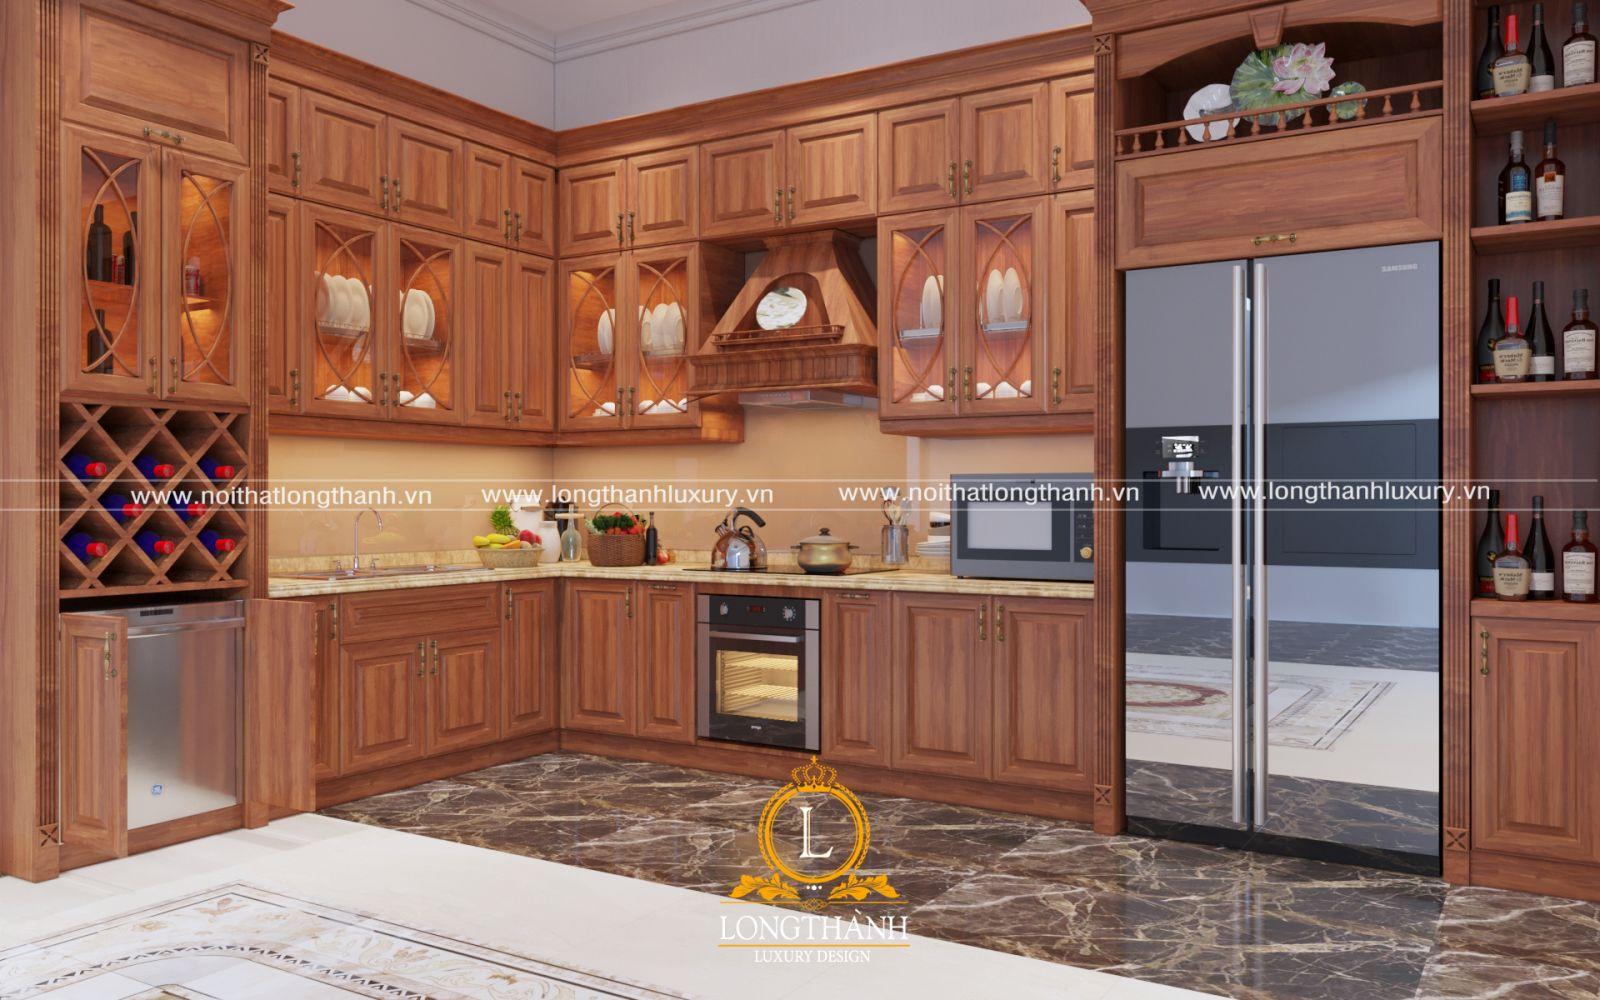 Tủ bếp gỗ Sồi có tốt không? Giá tủ bếp gỗ Sồi Mỹ có cao không?